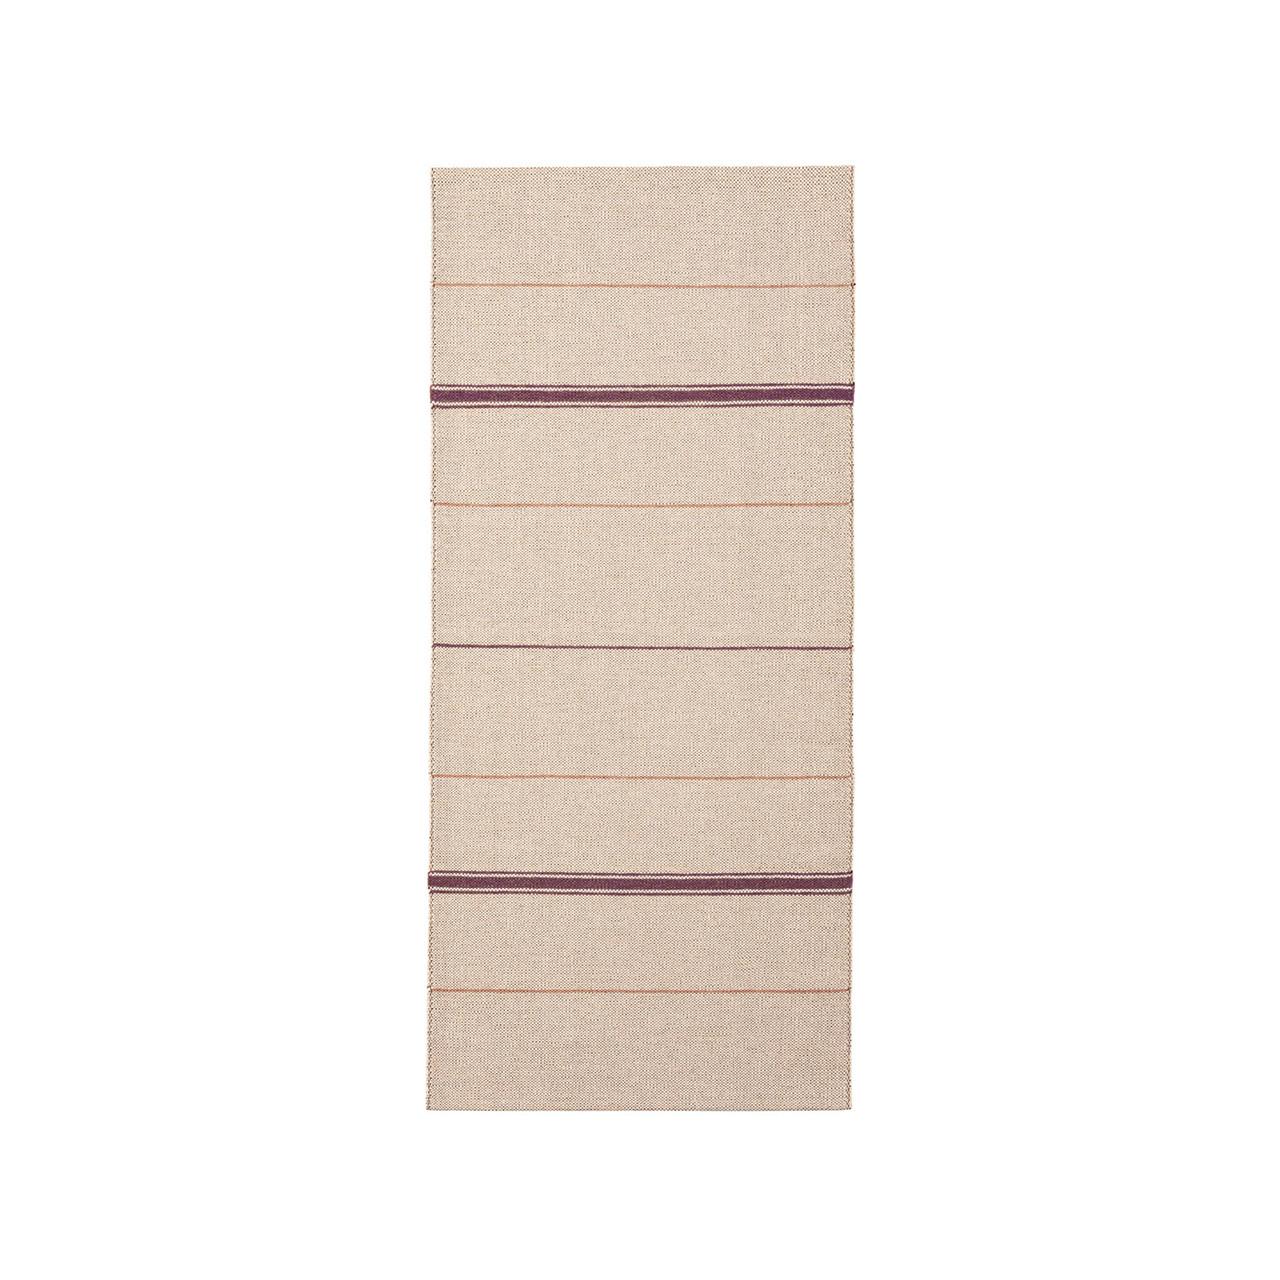 Brita Sweden Vinyl Teppich 'Trapeze'  80 x 150 cm ,  Bordeaux